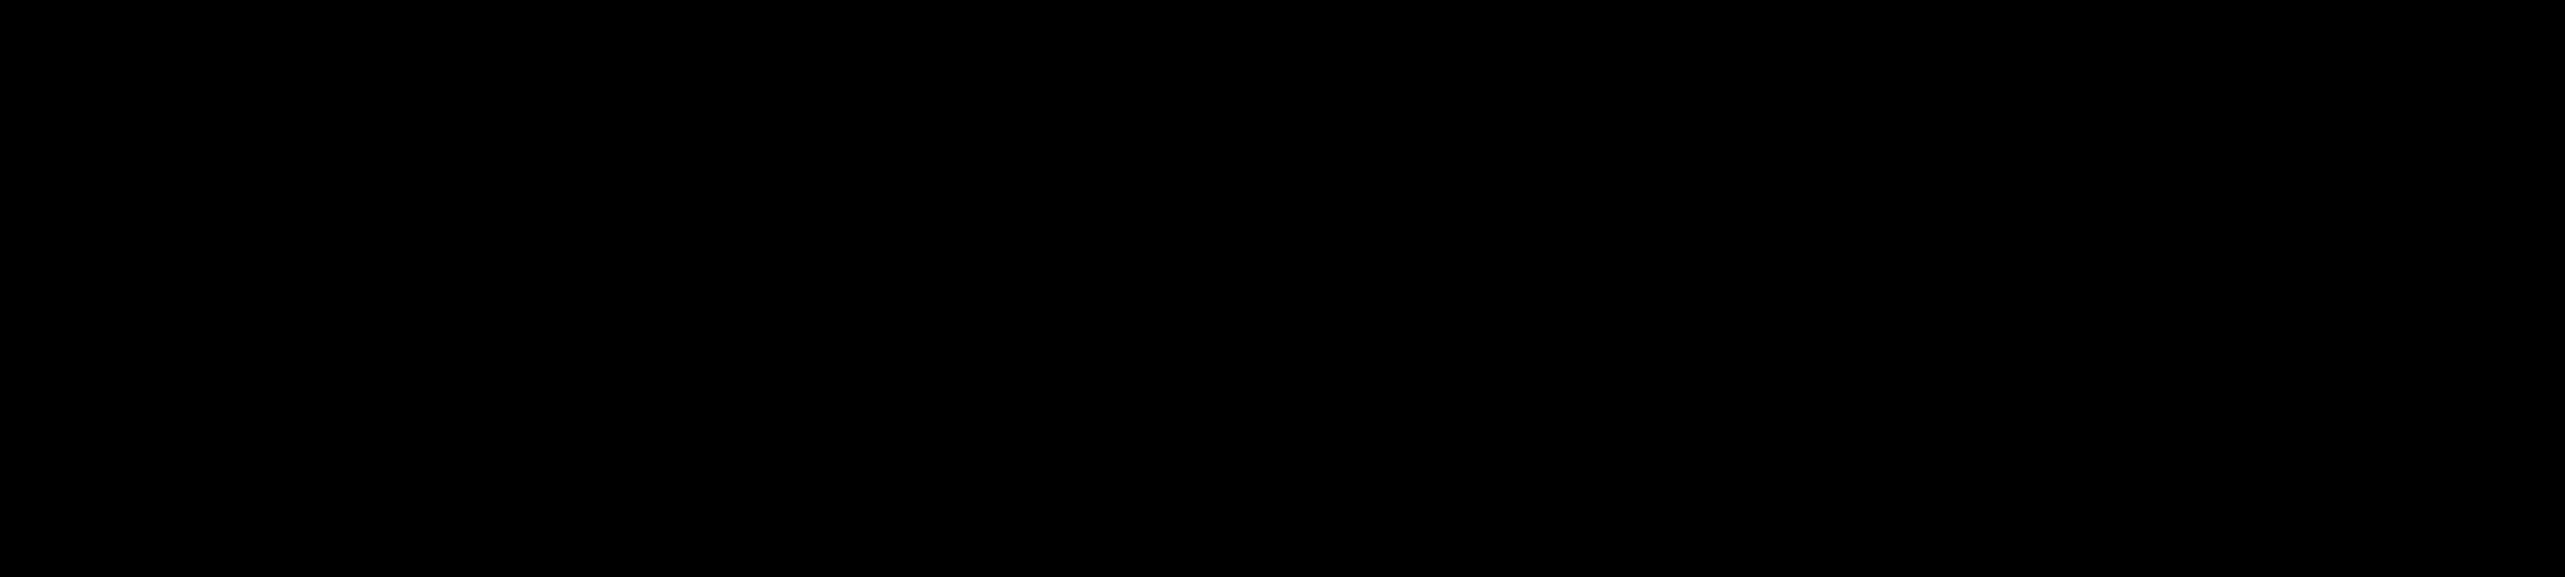 ロゴyamania白